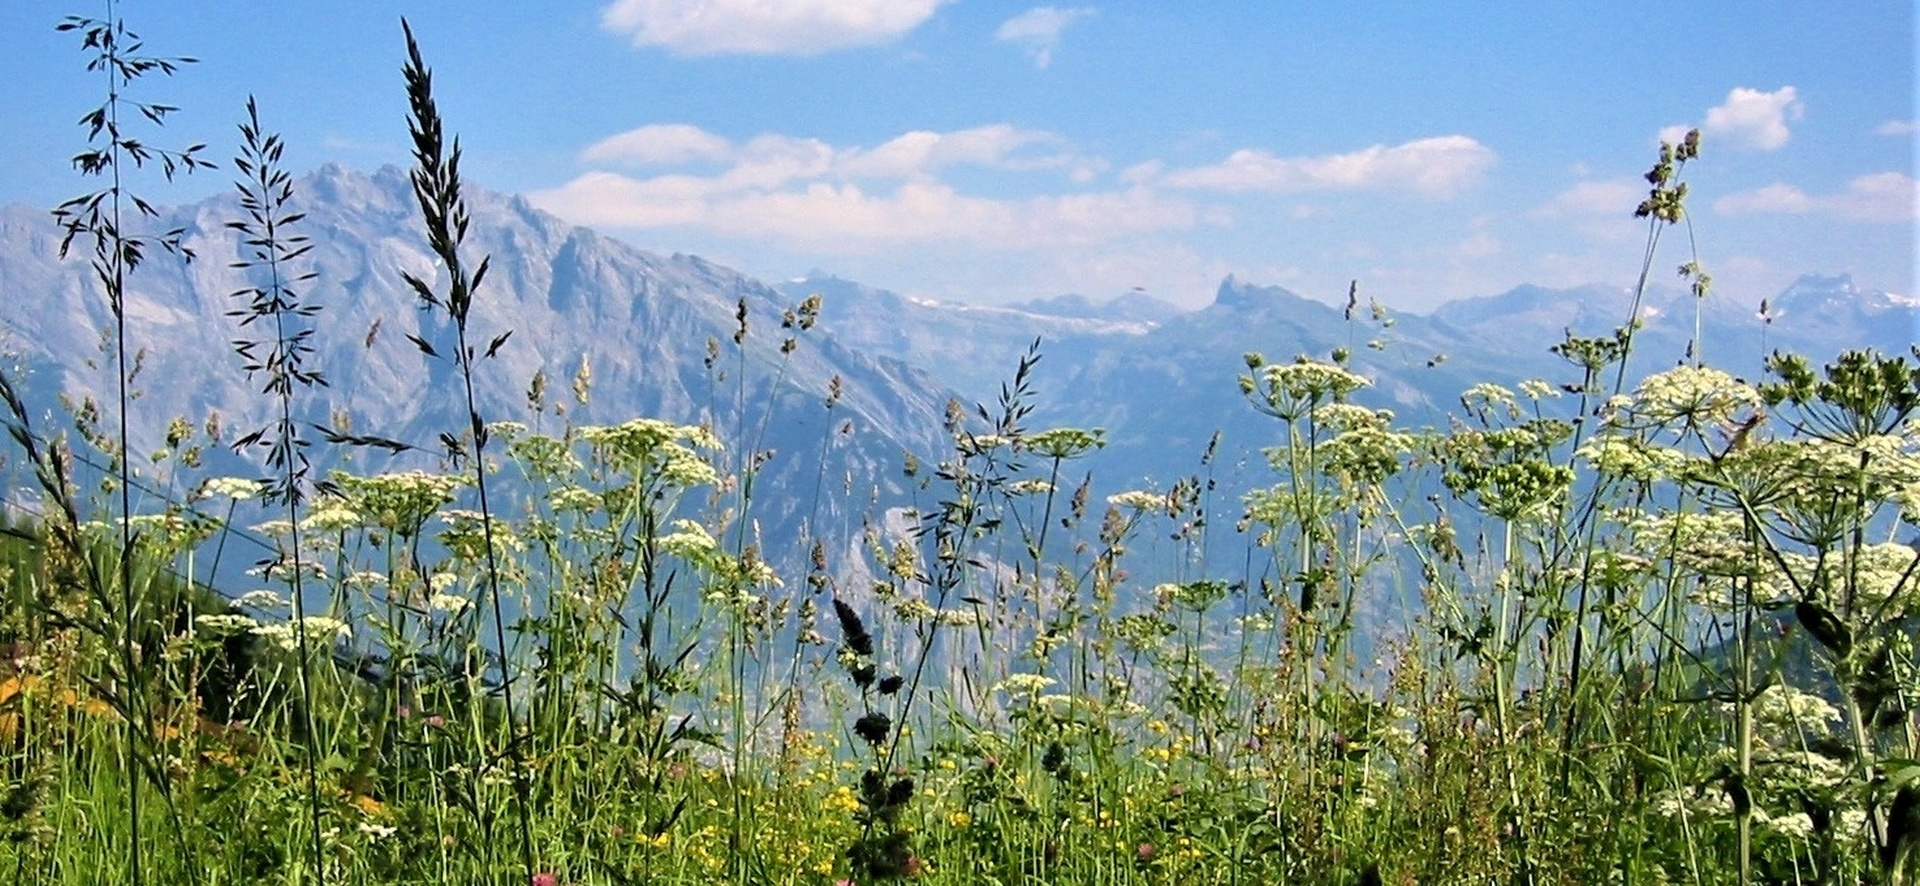 hiking-trail-336603_1280 (2)